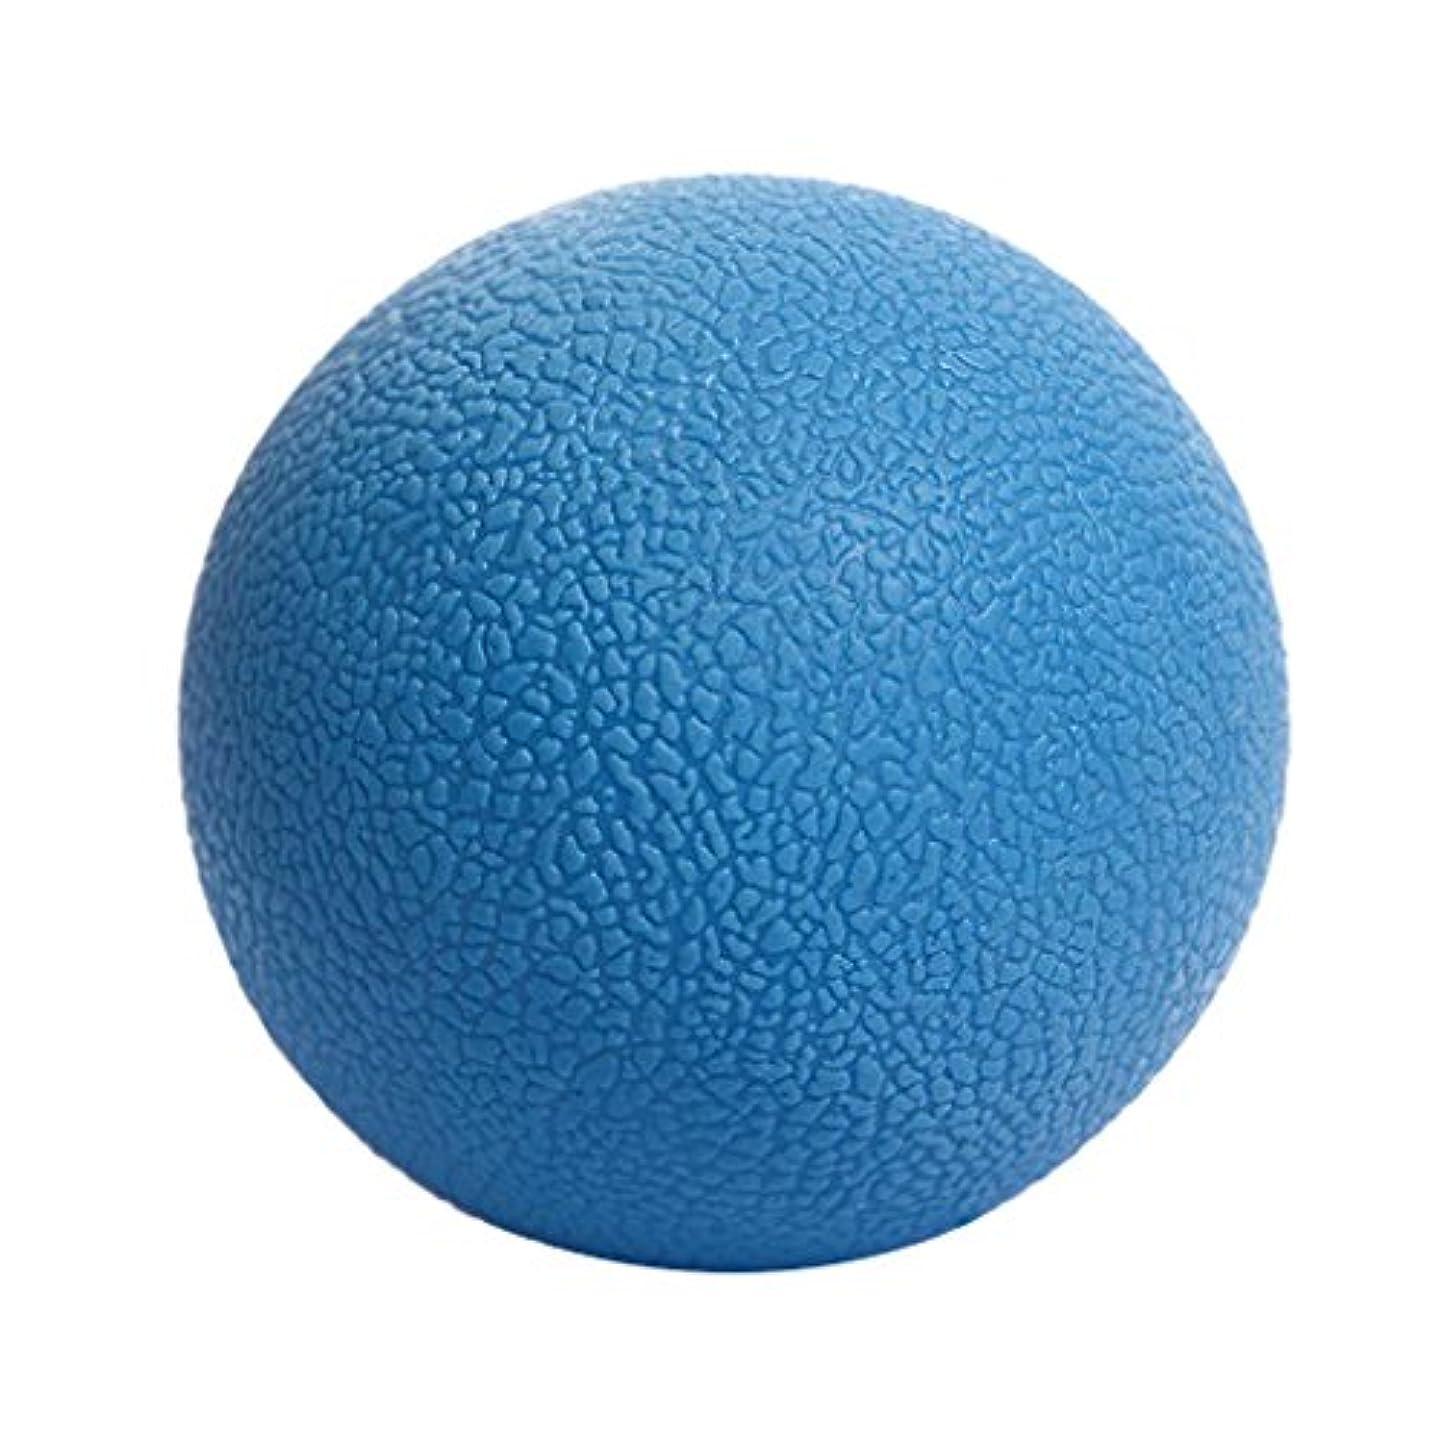 文明化オーバーラン脅迫Baoblaze マッサージボール ボディーマッサージ 便利 TPE ヨガ ピラティス 4色選べる - 青